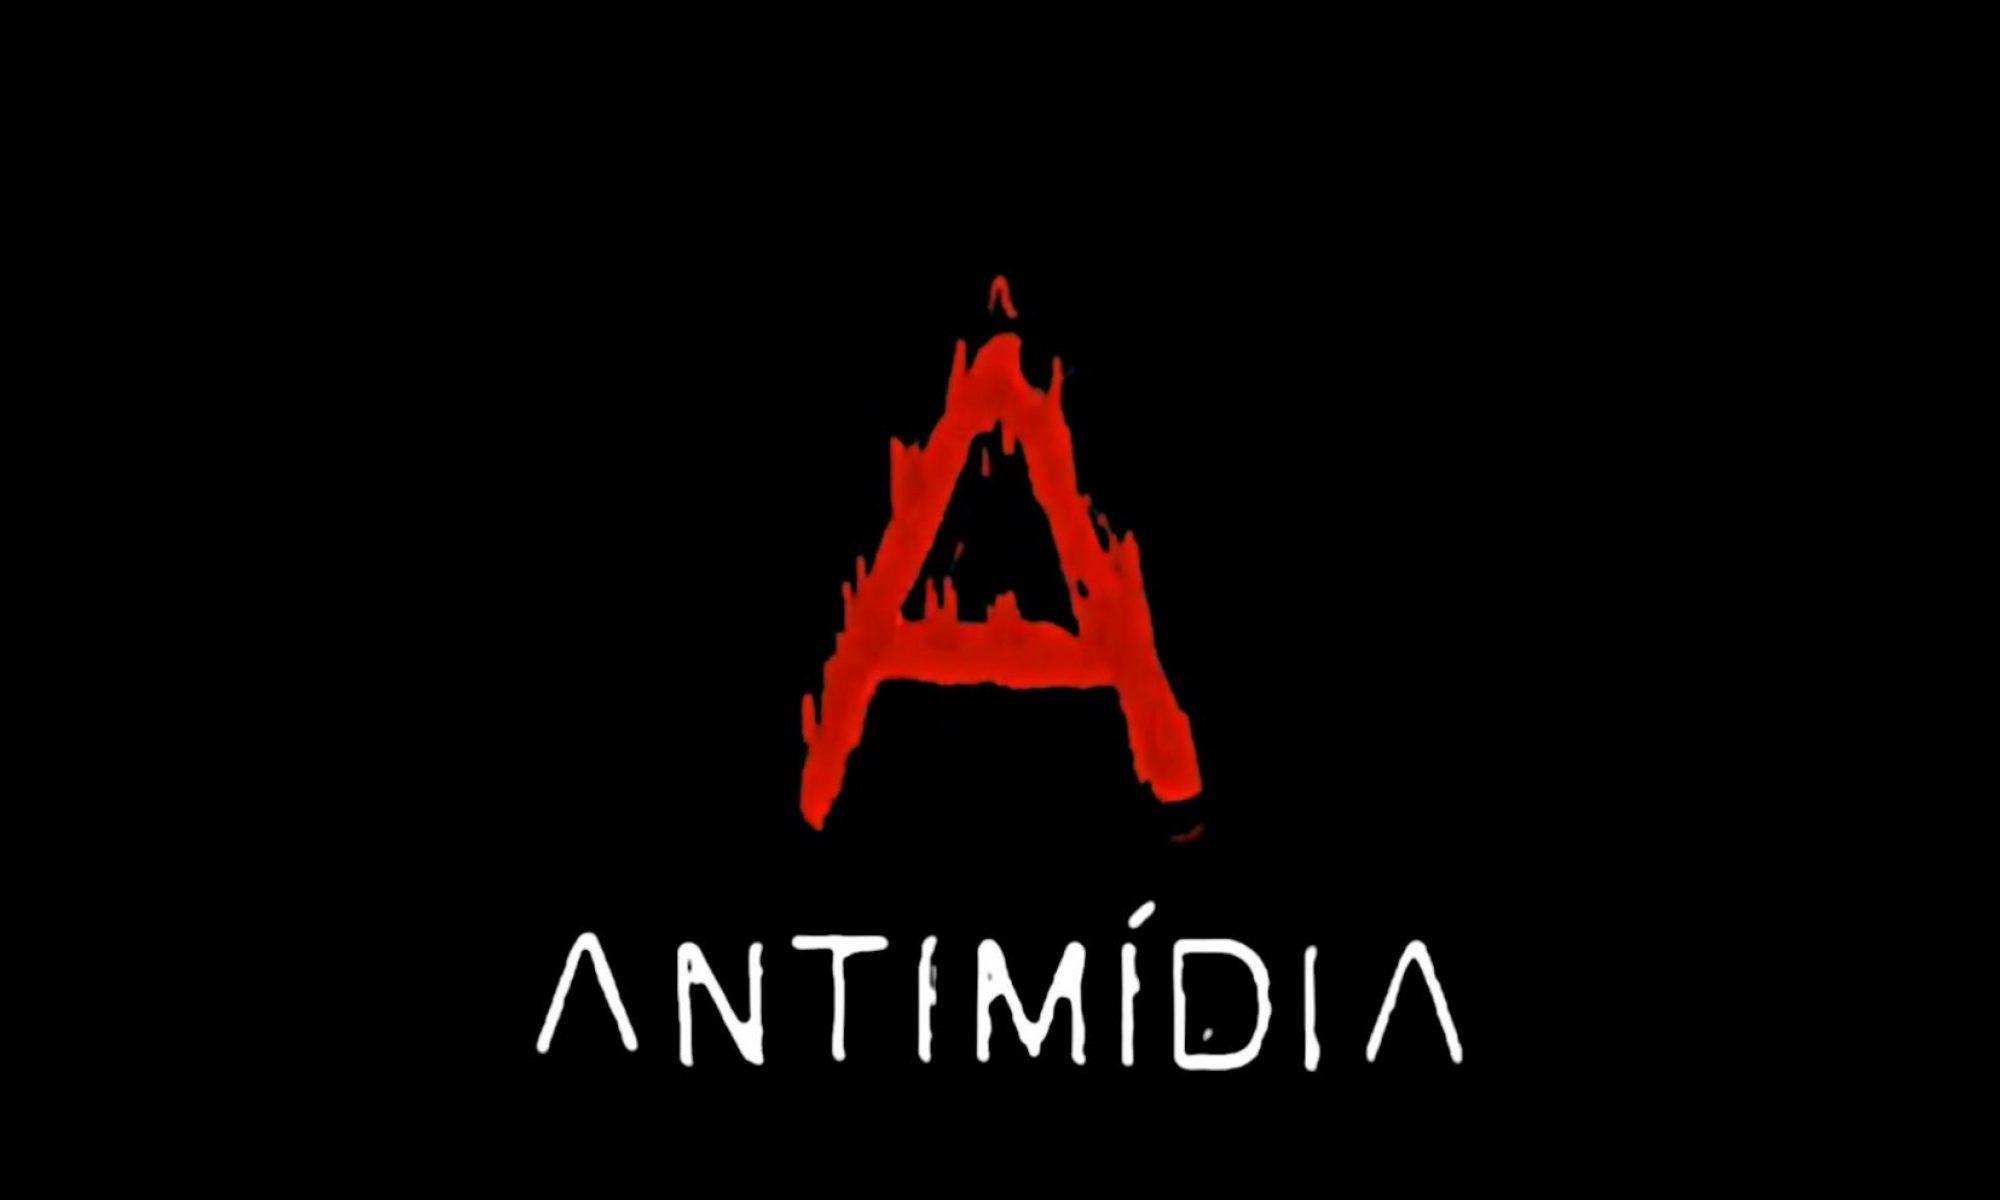 Antimidia